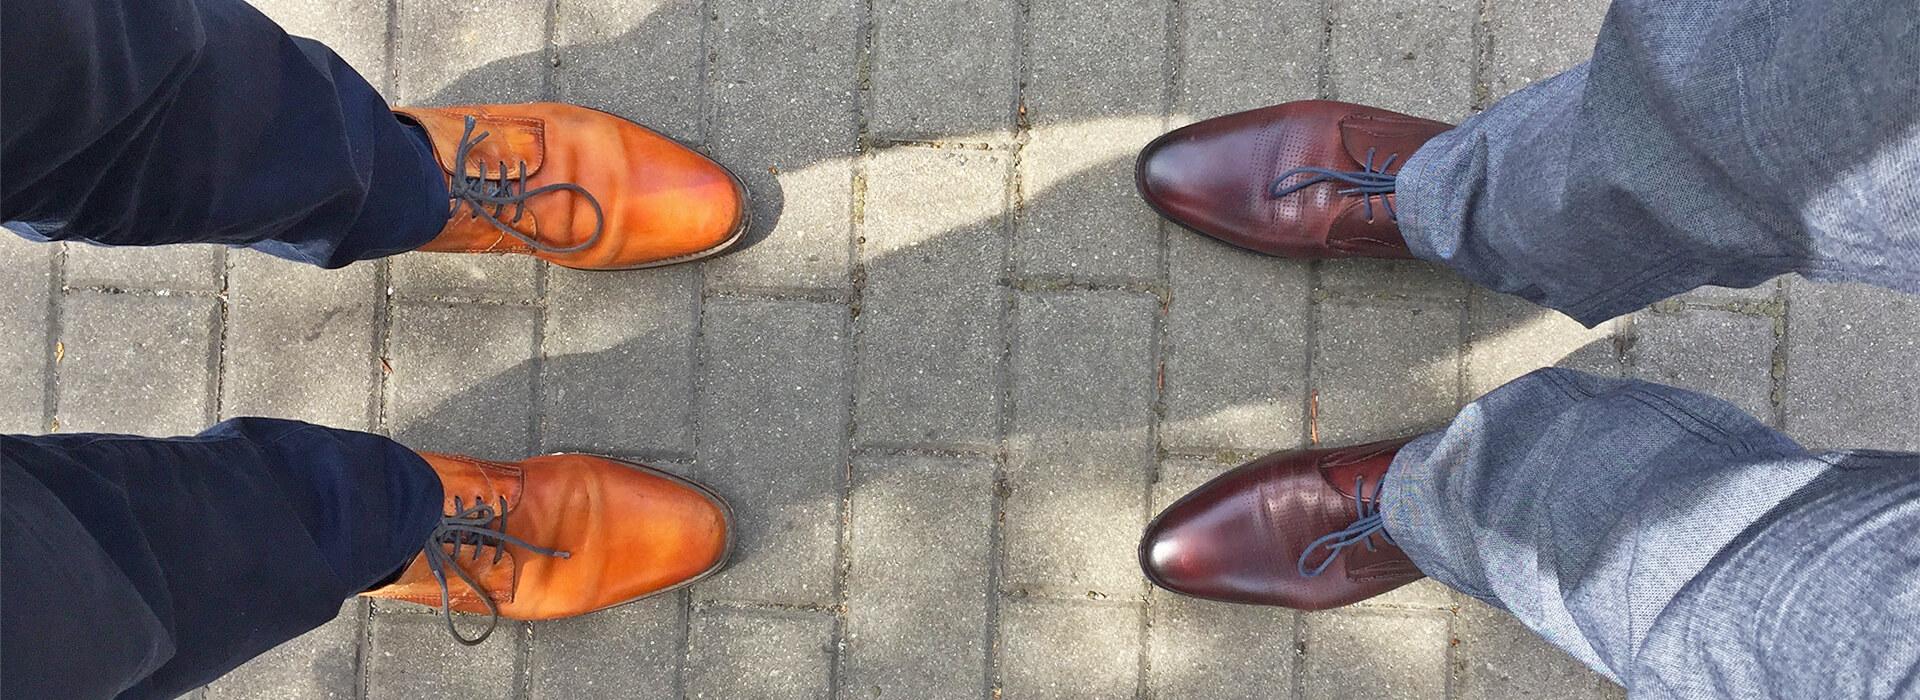 A to jsme my, tedy naše nohy, při prvním vzorkování v Brně.